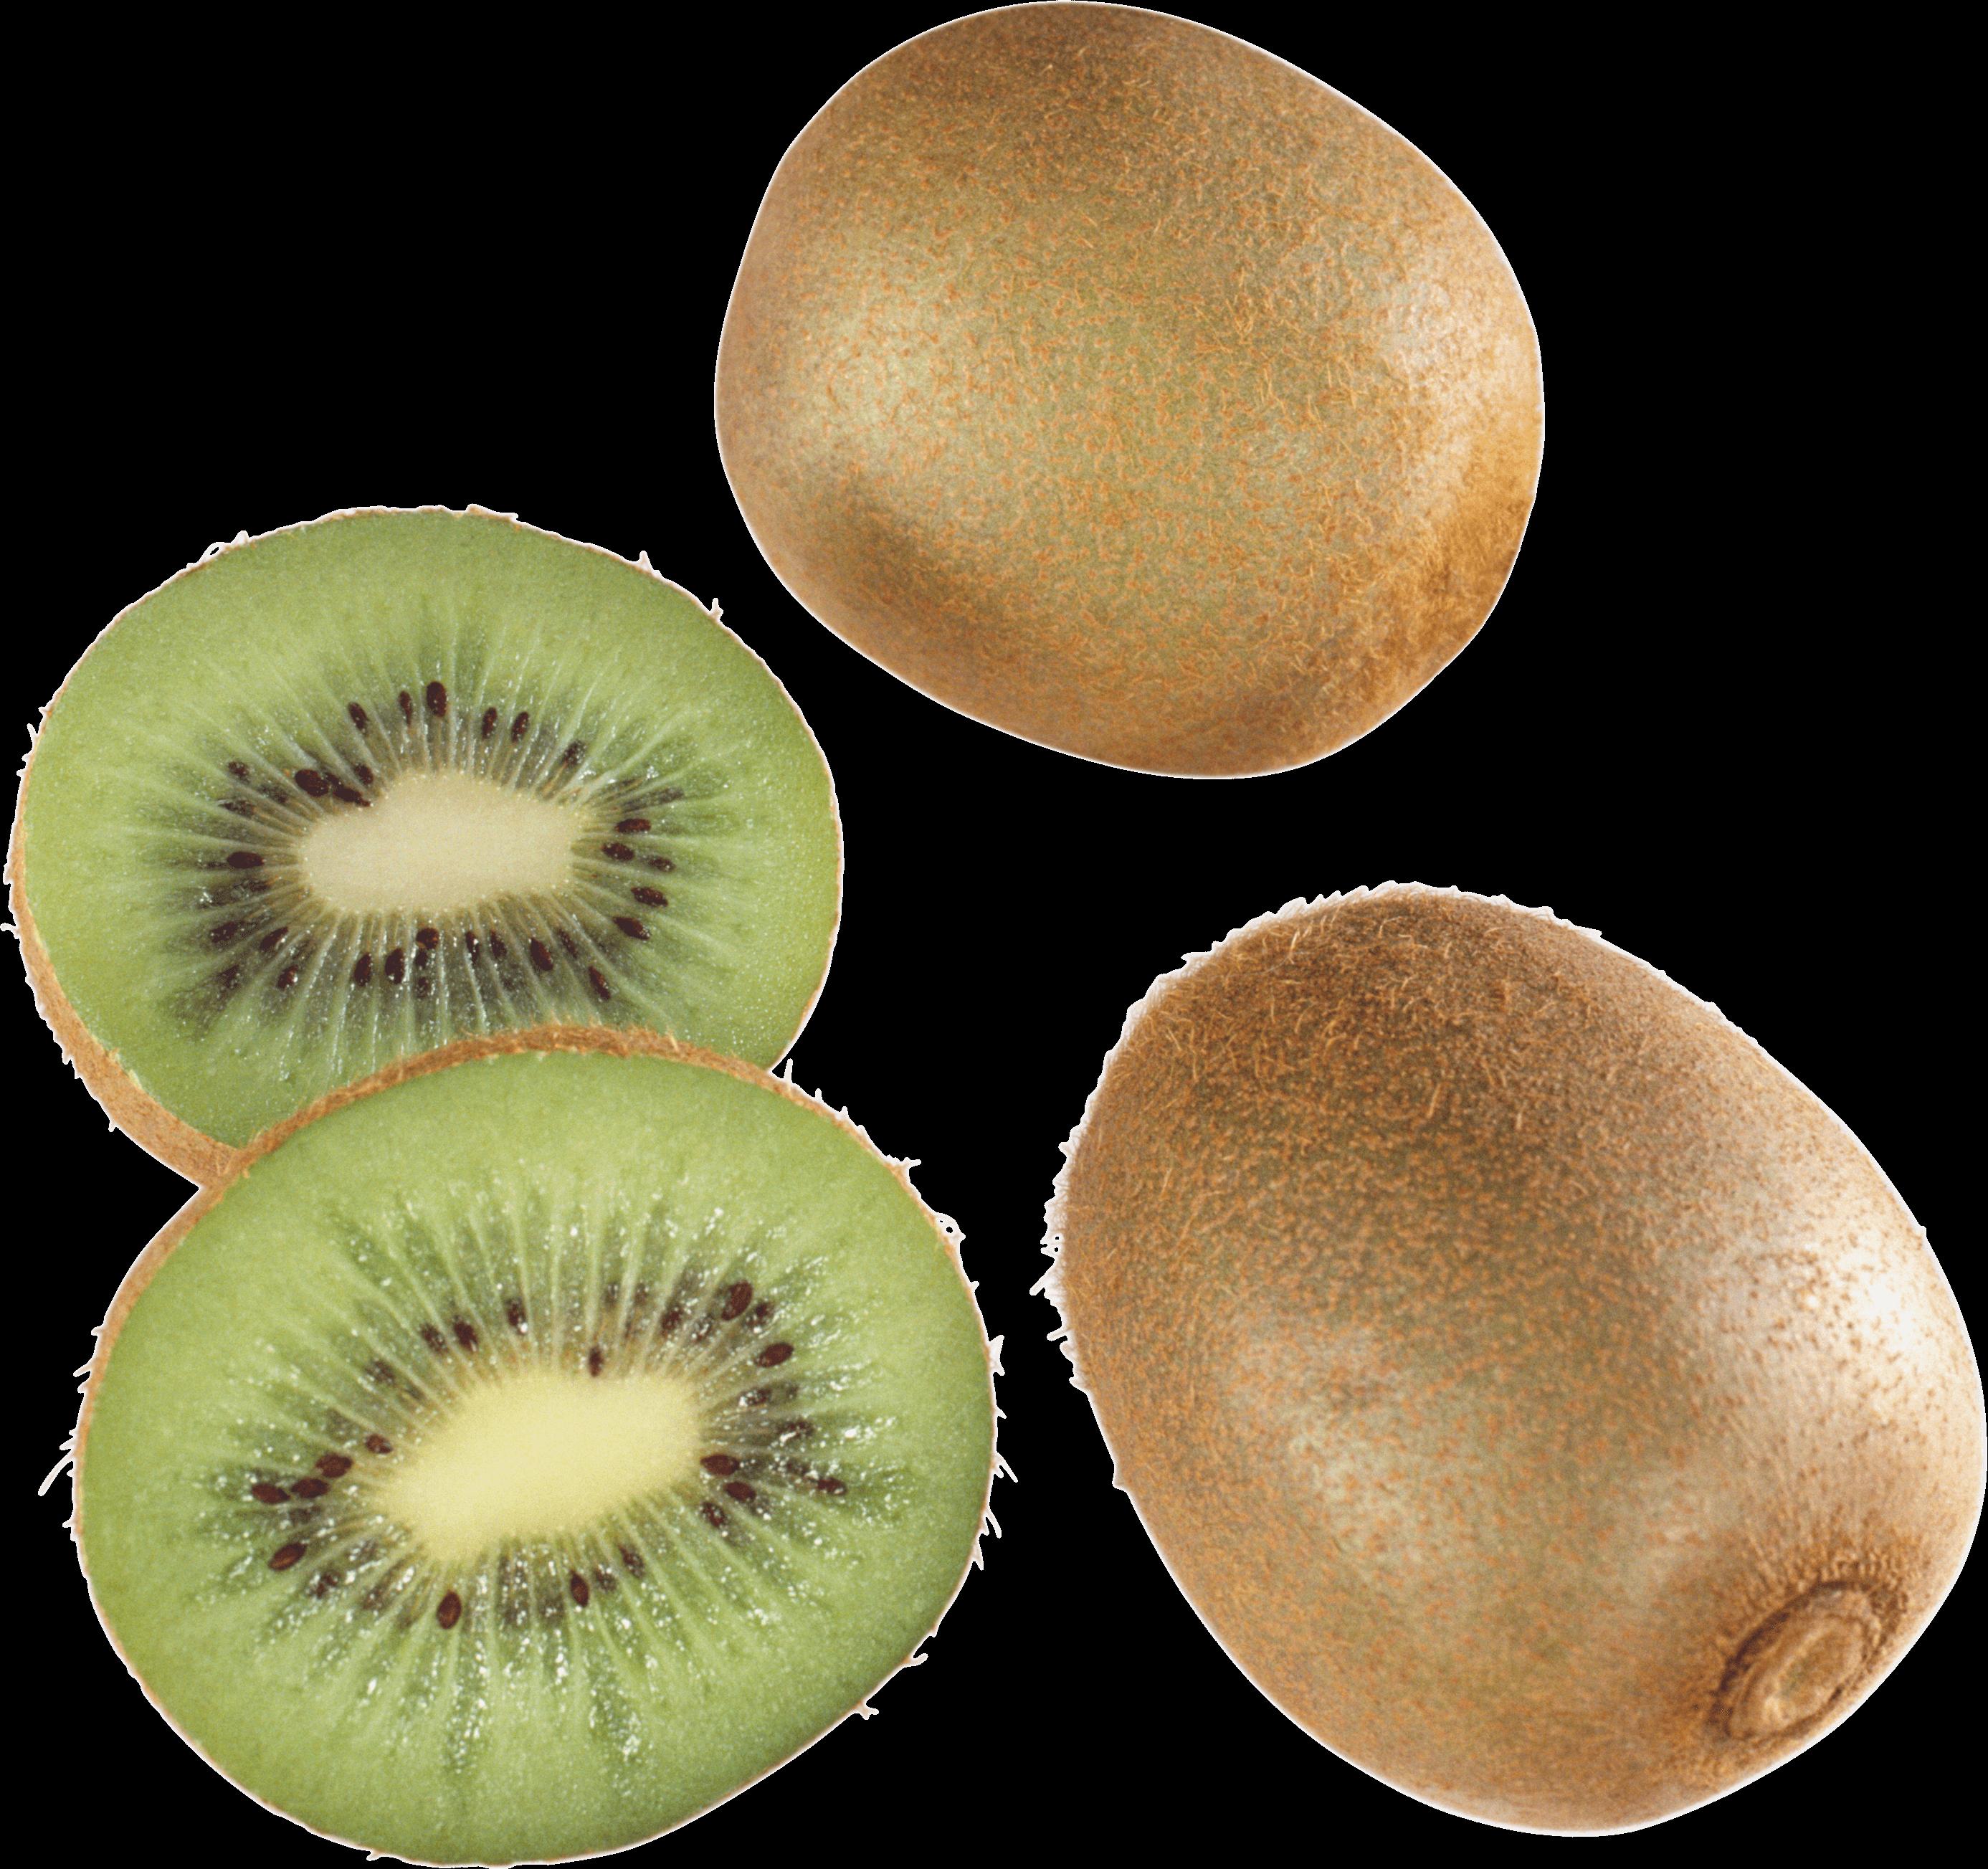 Kiwi clipart kind fruit. Three one open kiwis